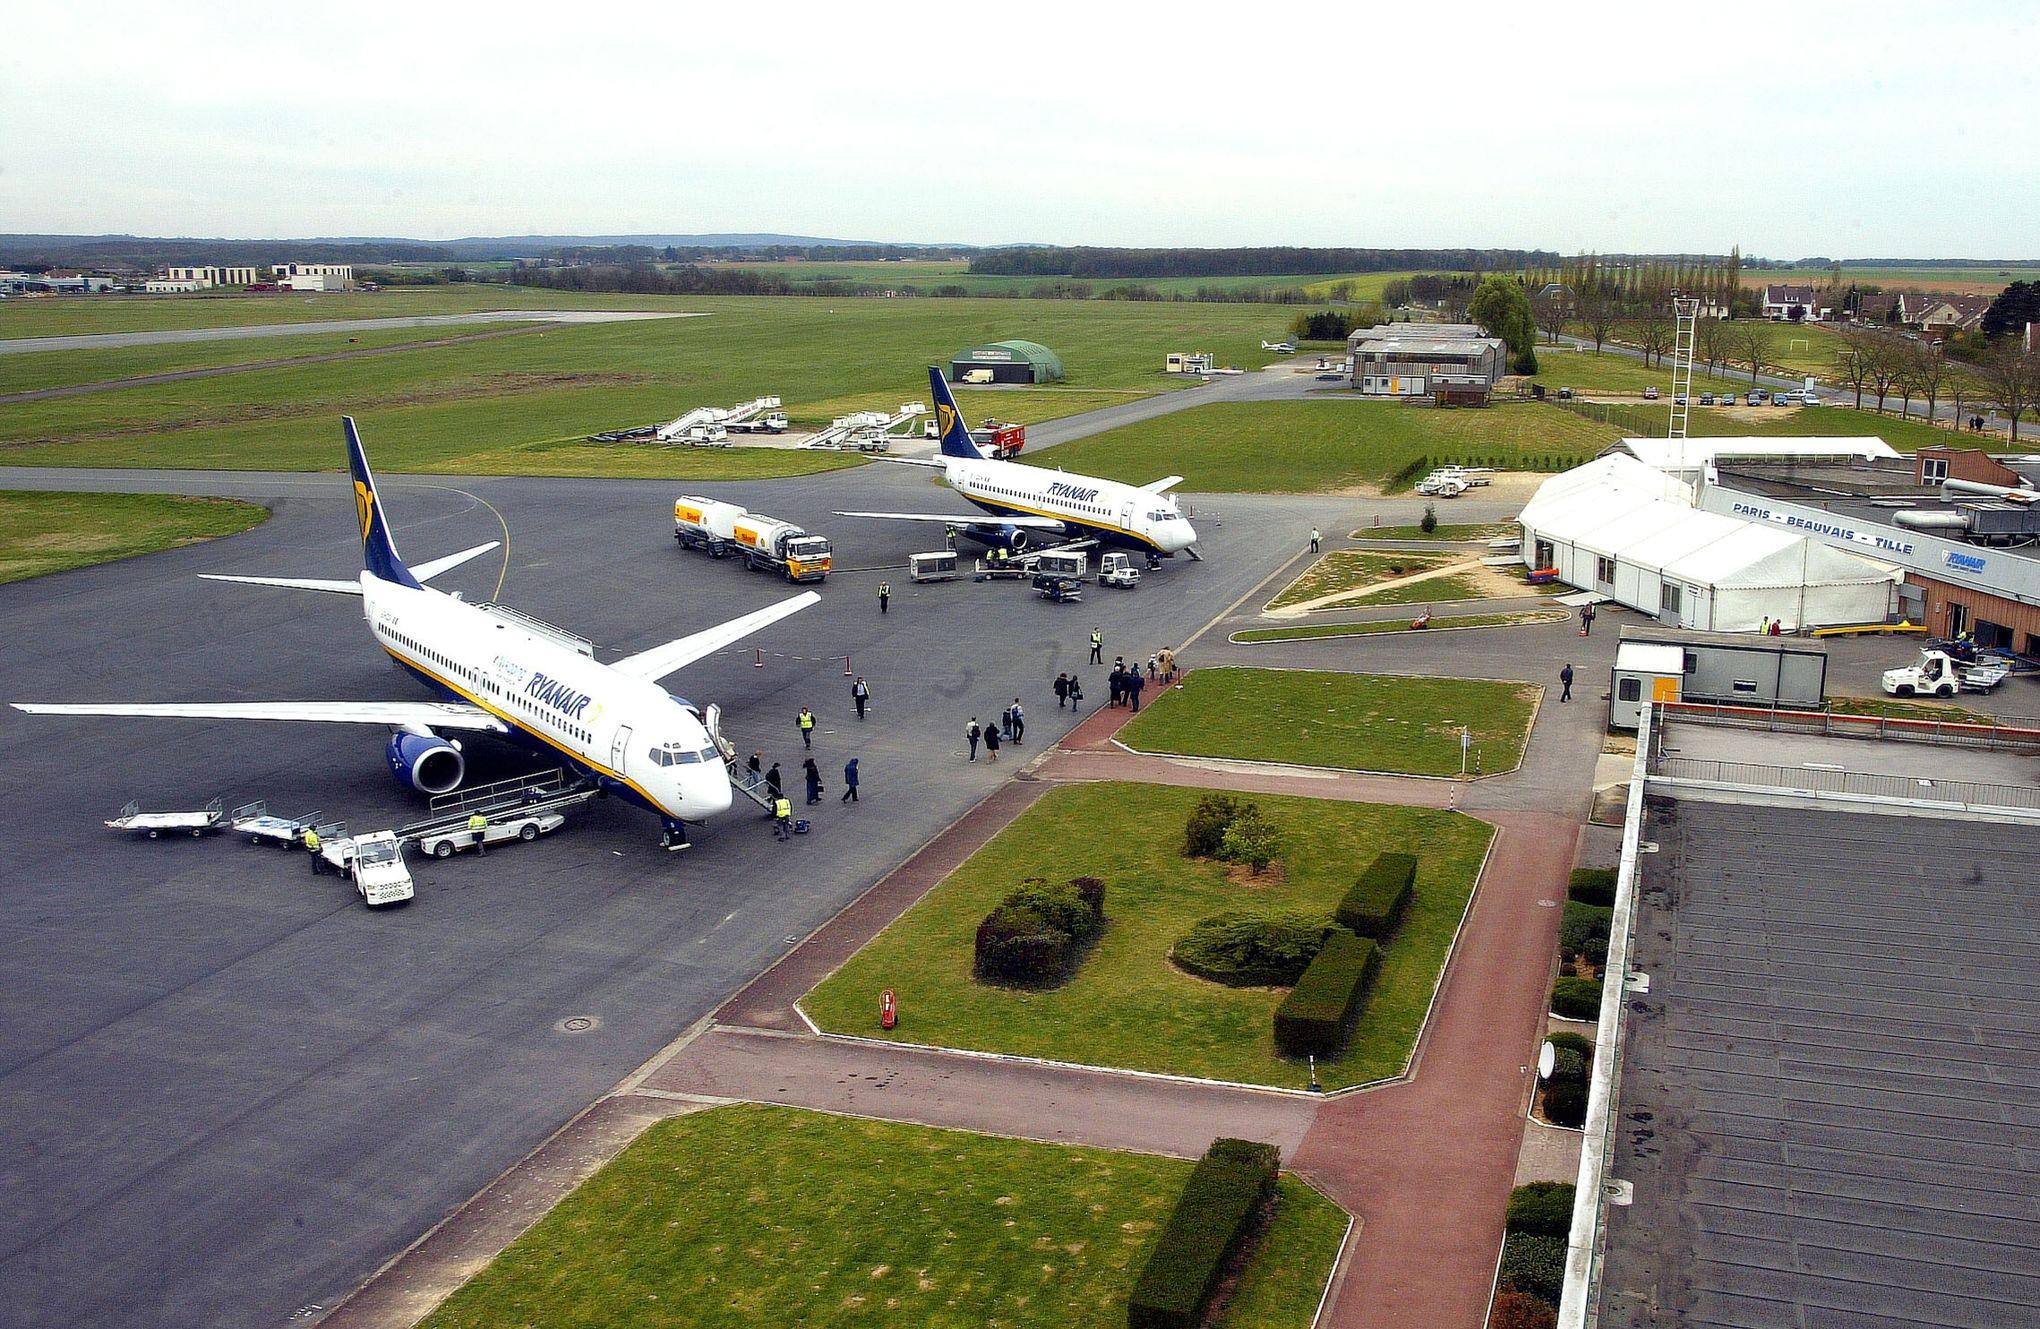 Beauvais-Tillé en 9e position des pires aéroports du monde